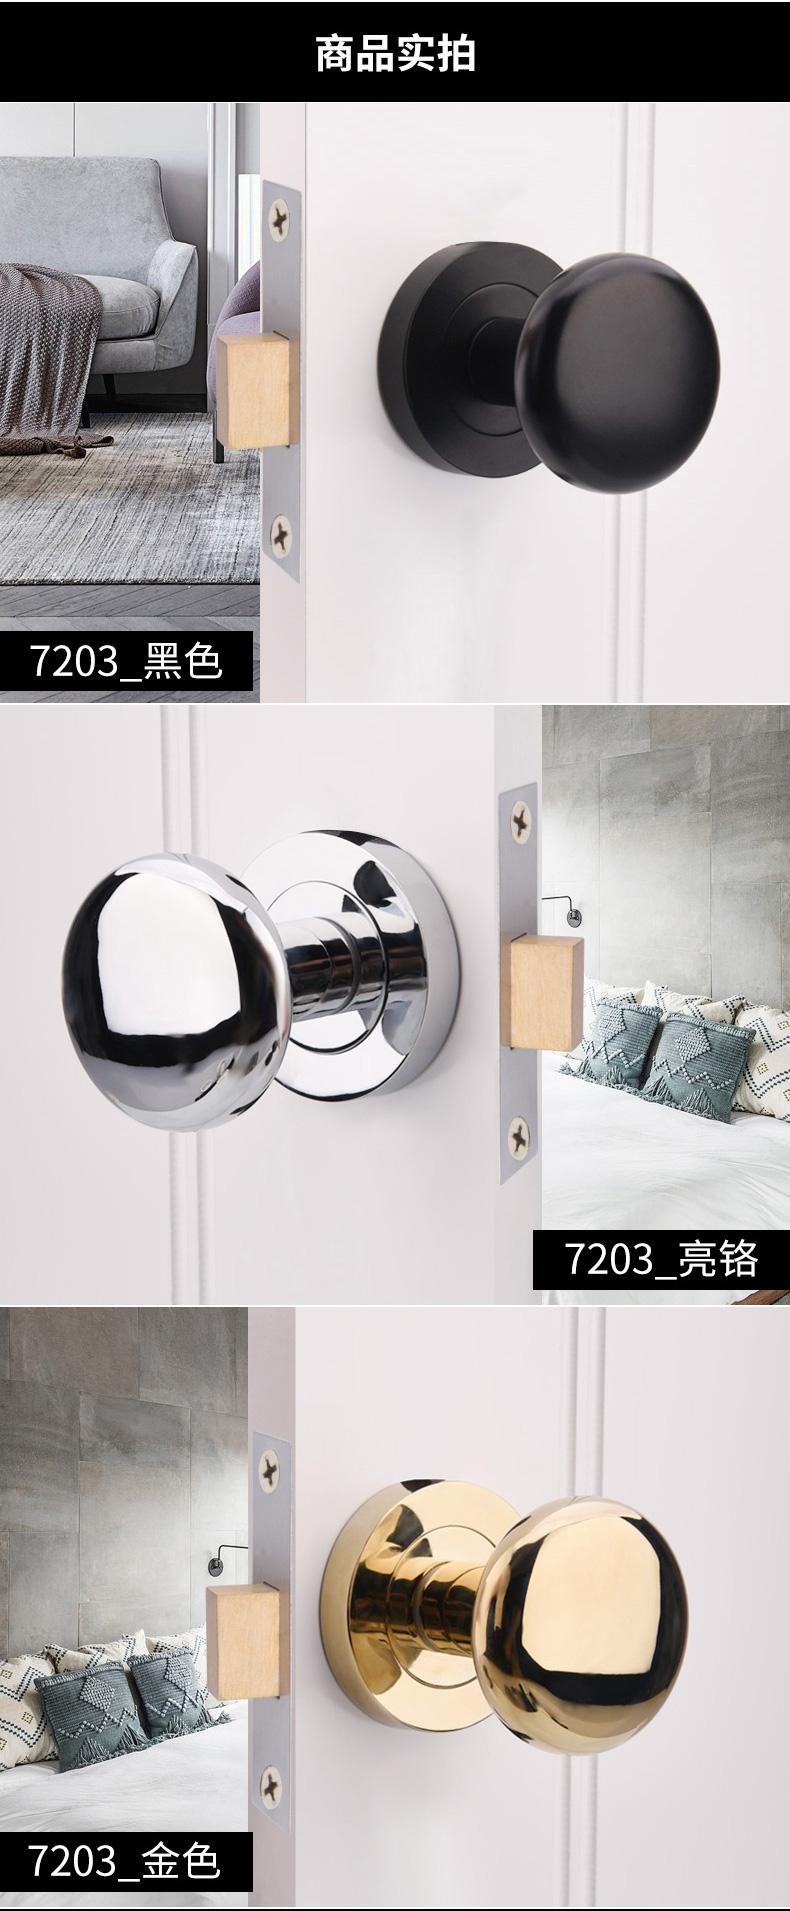 固特隐形锁背景门锁单面暗锁美式田园金色把手黑色室内球形锁家用详细照片